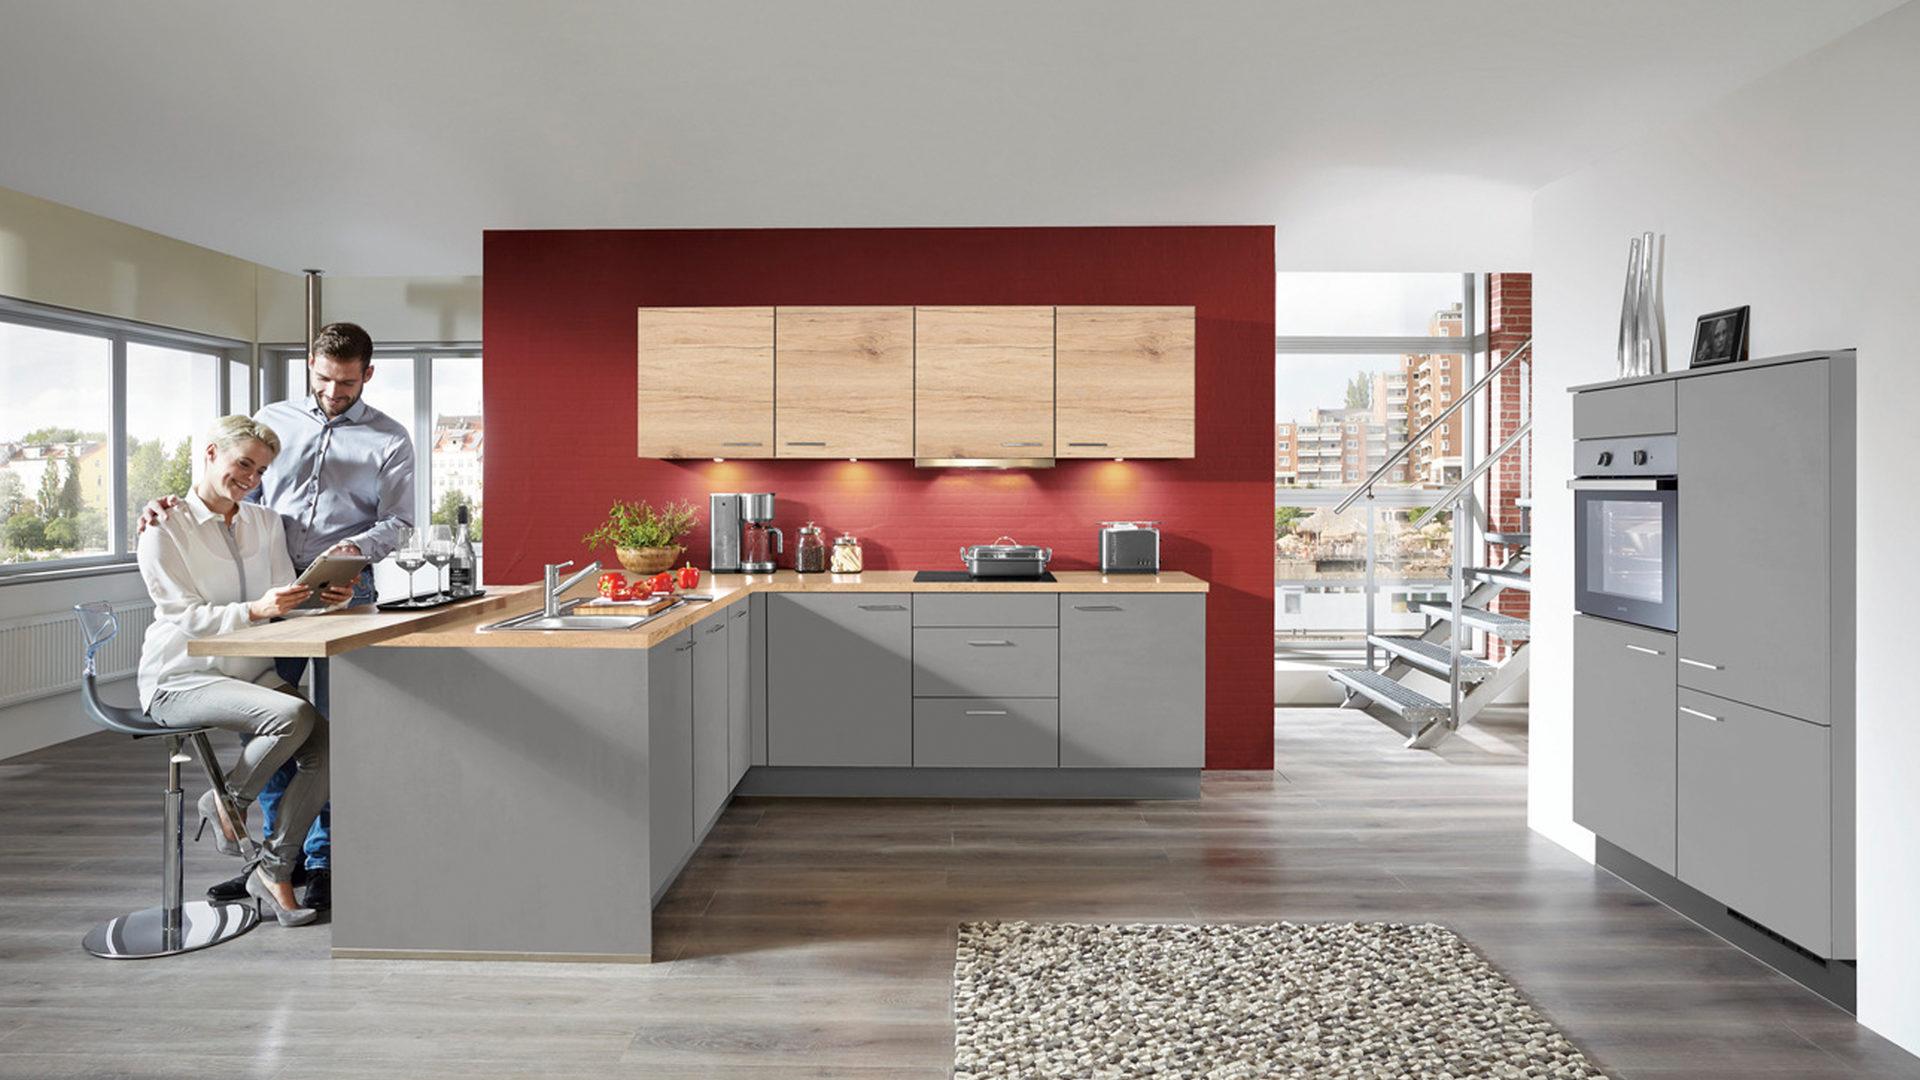 Wunderbar Blau Grau Küche Farben Zeitgenössisch - Küche Set Ideen ...